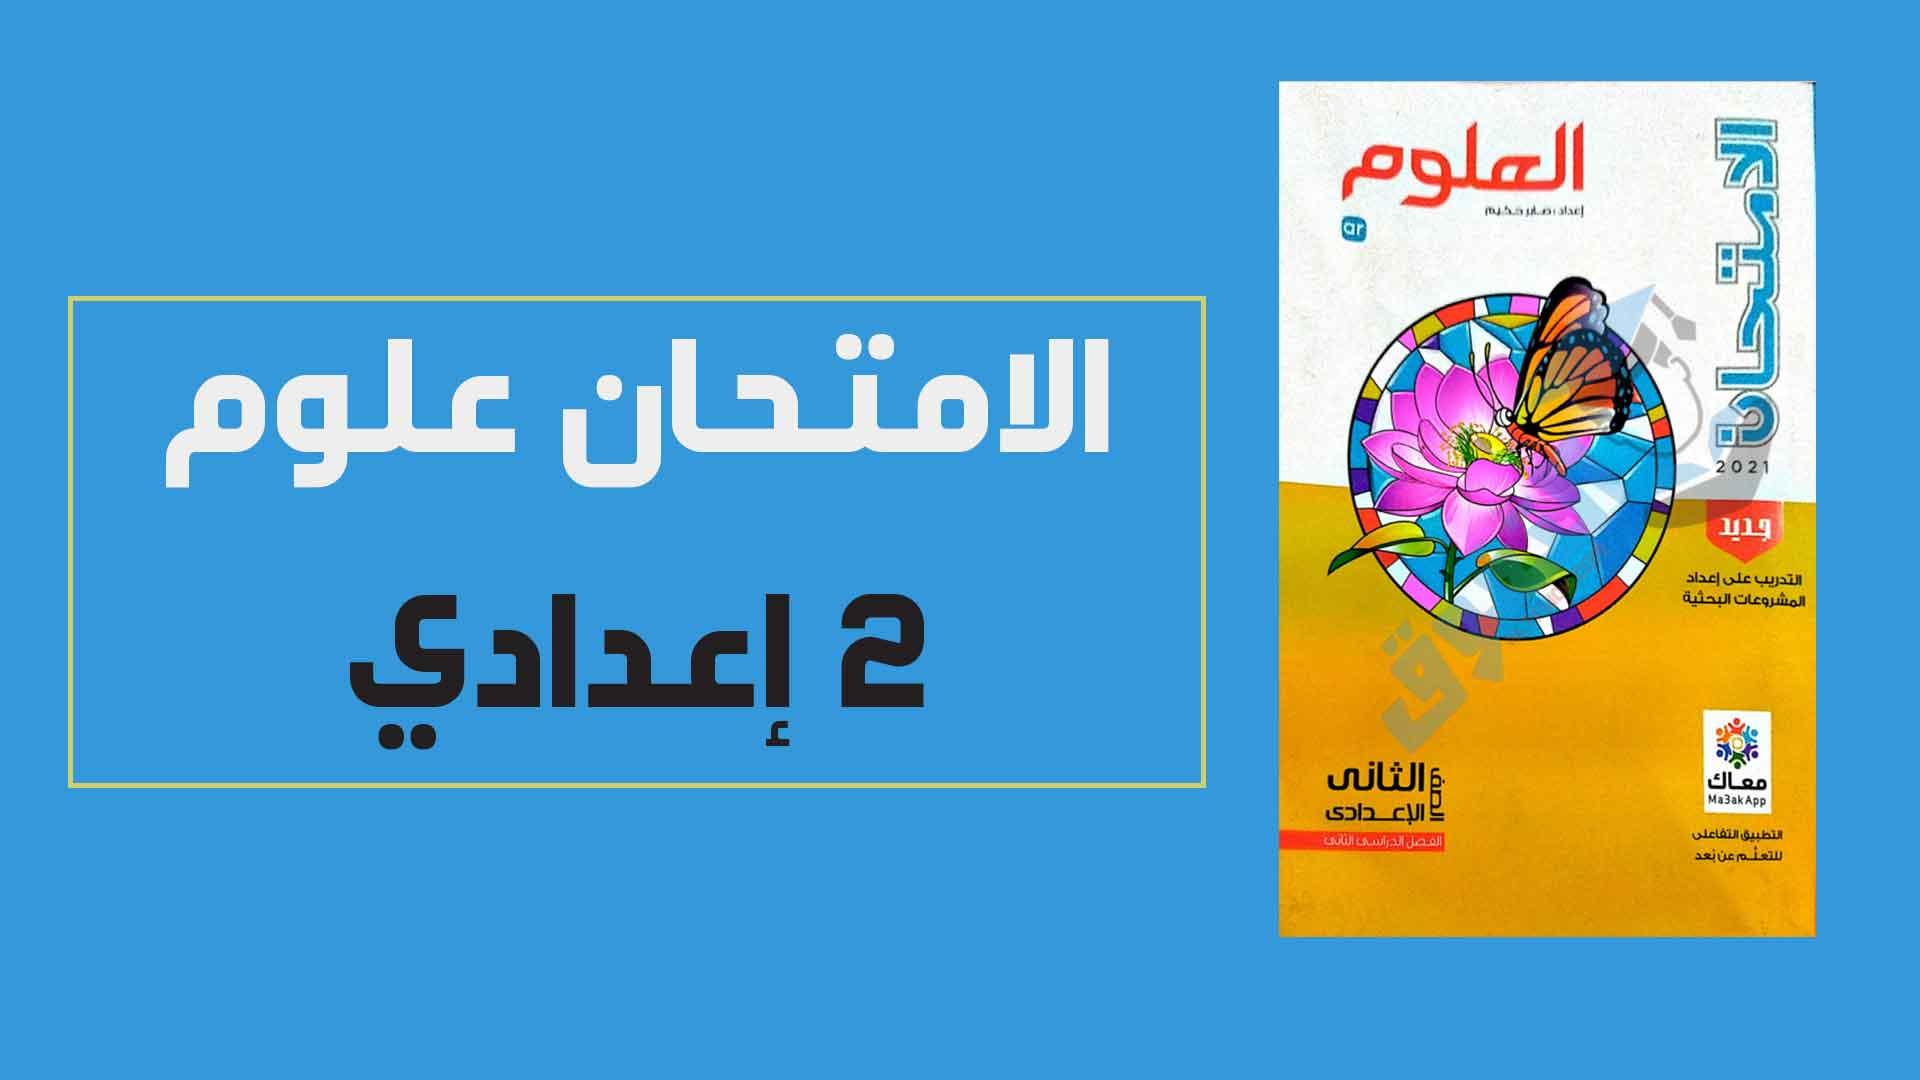 تحميل كتاب الامتحان فى العلوم للصف الثانى الاعدادى الترم الثانى 2021 pdf (كتاب الشرح)